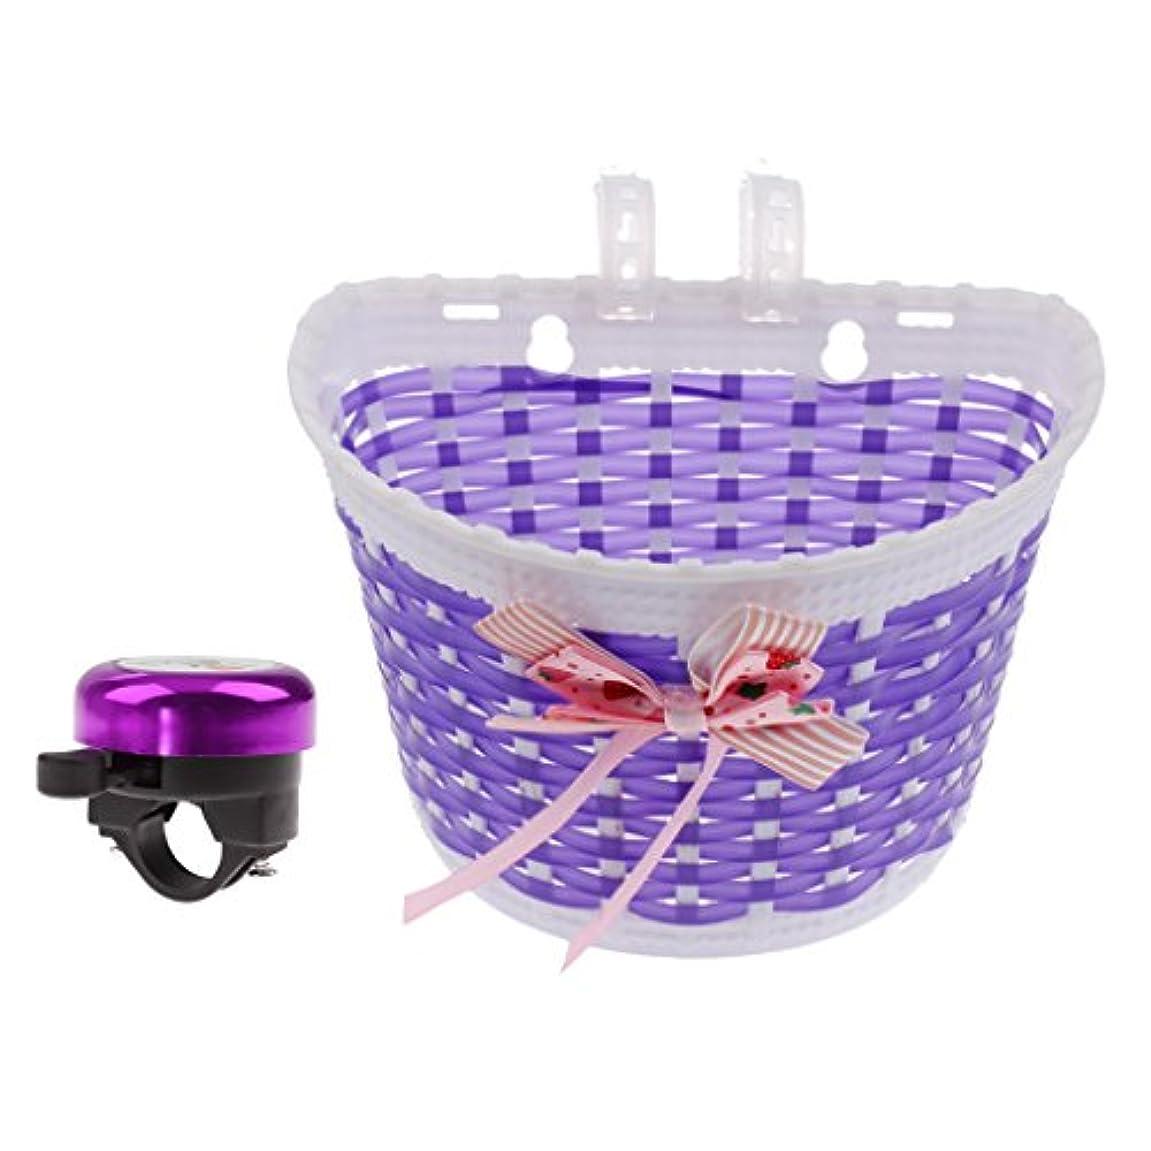 ボットオンとげBaoblaze 可愛い 自転車 交換用 子供用  フロントバスケット+サイクベル バイクアクセサリー 紫